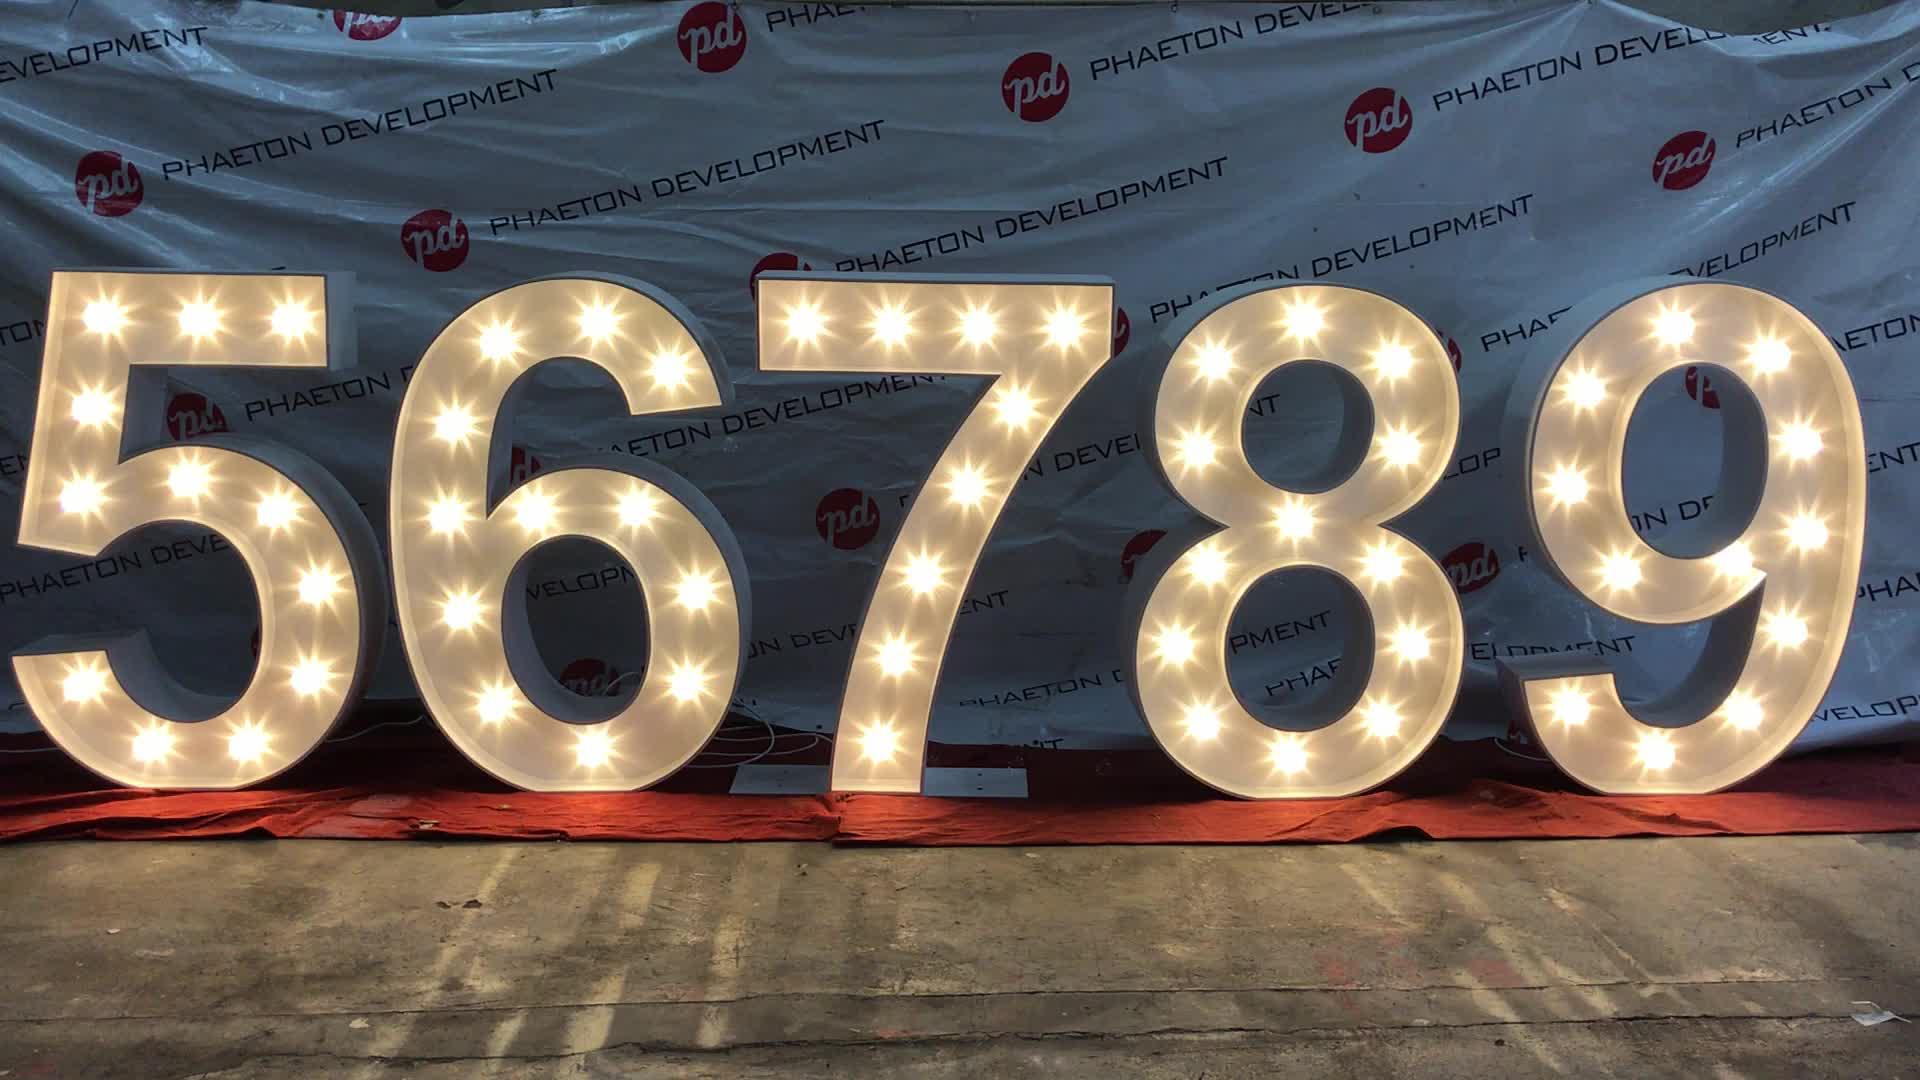 אור עד marquee מספר עבור מסיבת יום הולדת/חגיגה, marquee מספרים